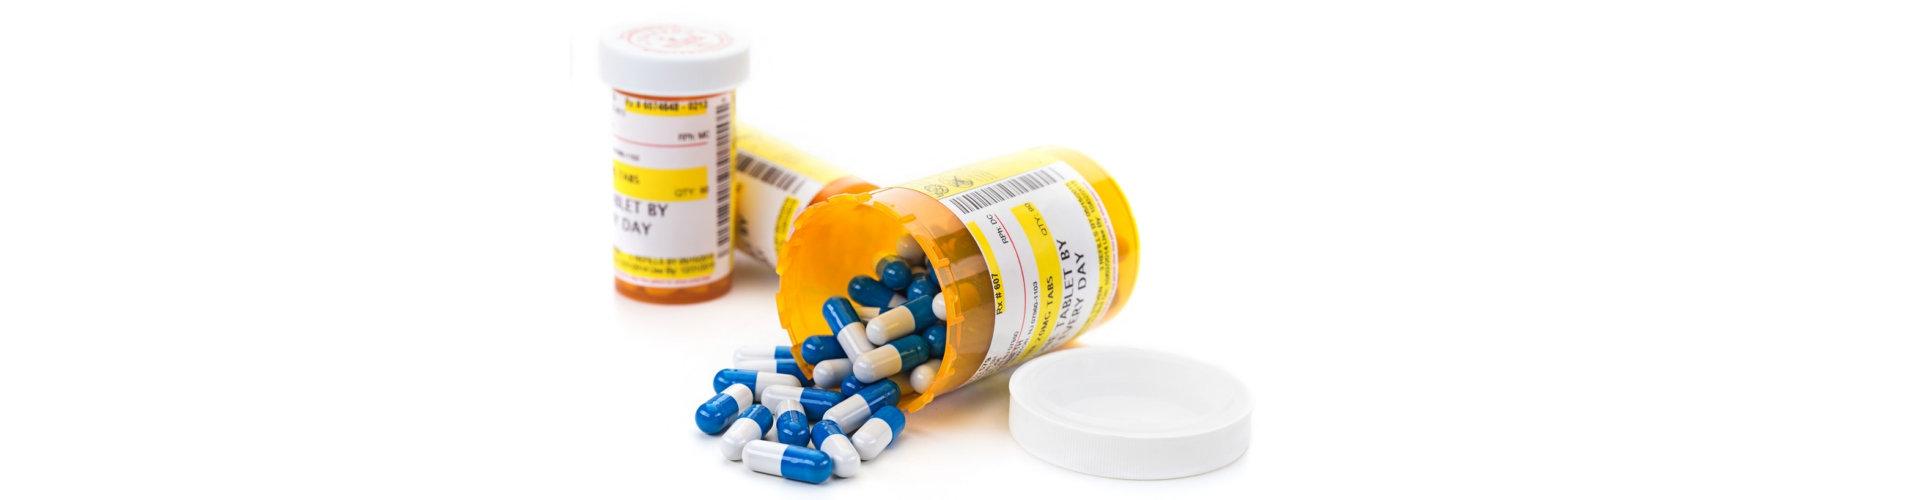 spilled medicines